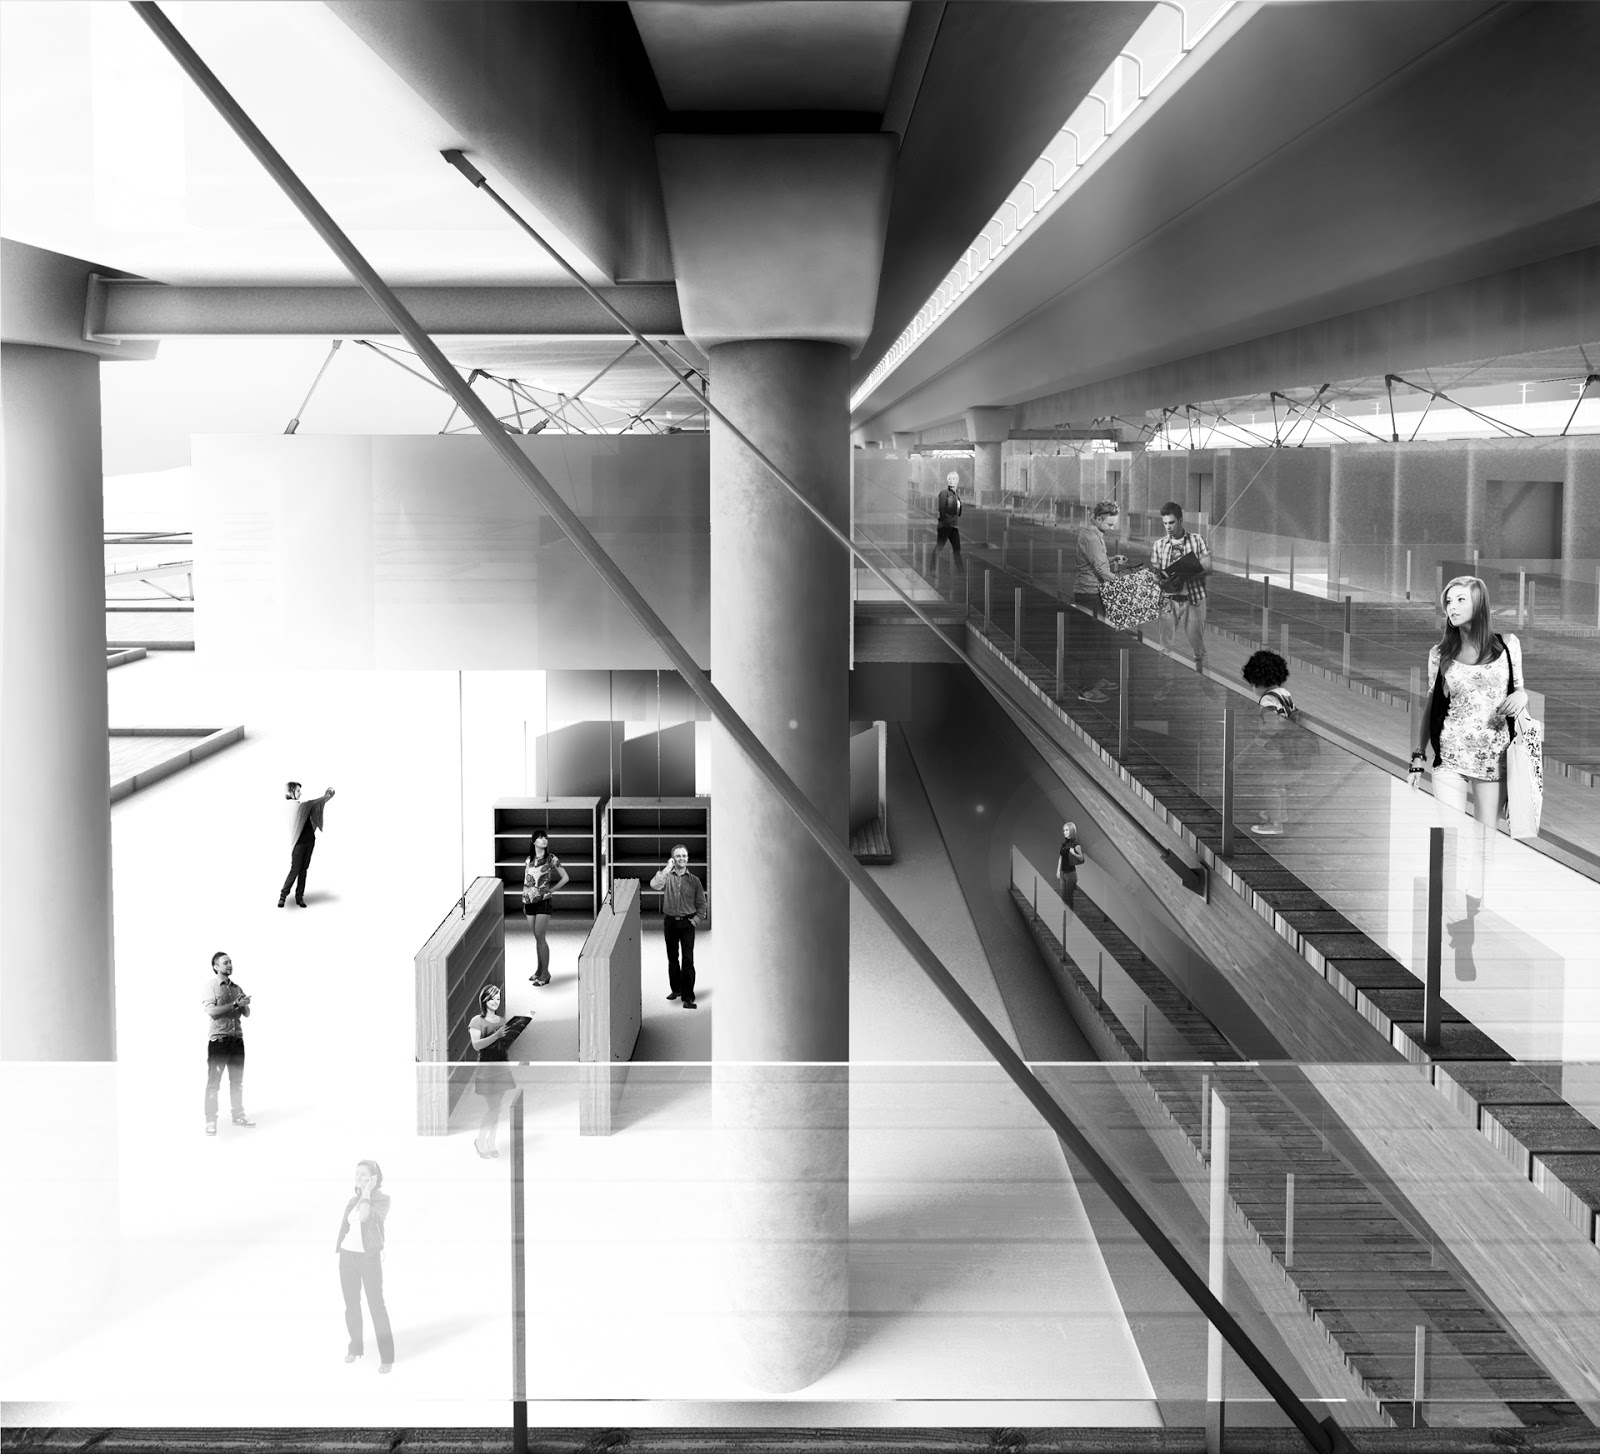 RENDERS 3D PFC - Perspectiva 3D Interior con las Pasarelas del Mercado para el PFC de un alumno de la UEM - ETSAM UEM UCJC ESAYT USPCEU USP CEU IE UAX UAH UPM ETSA